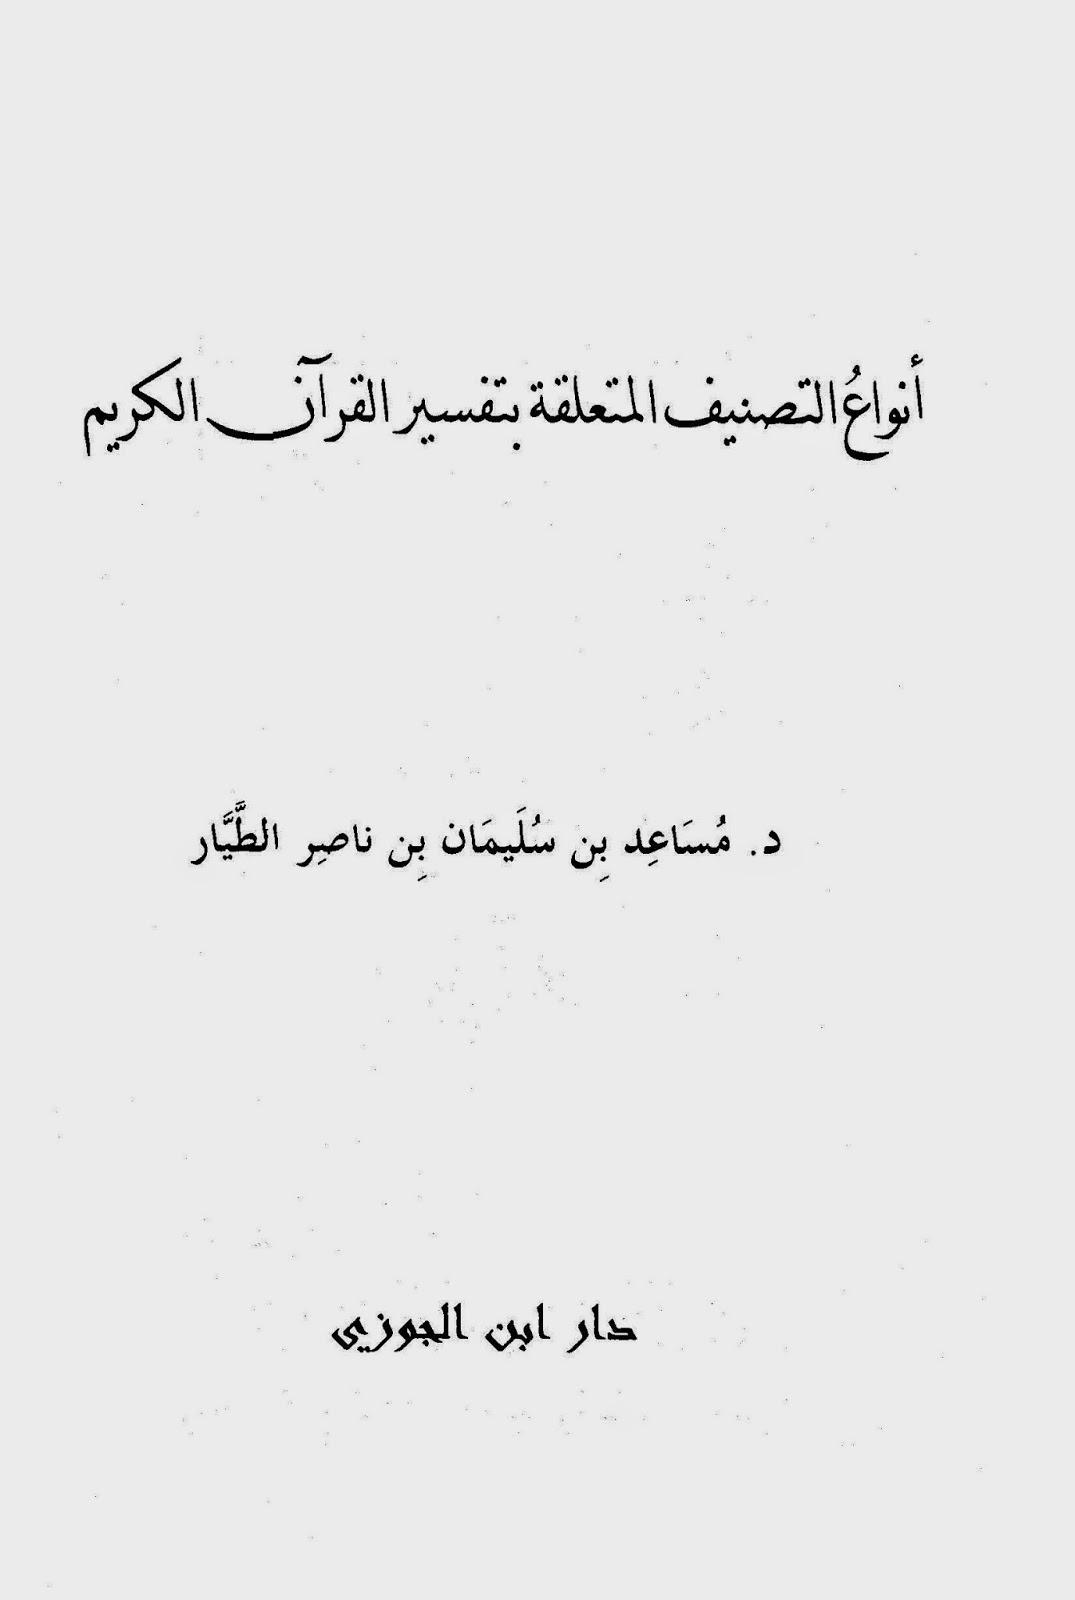 أنواع التصنيف المتعلقة بتفسير القرآن الكريم لـ مساعد الطيّار